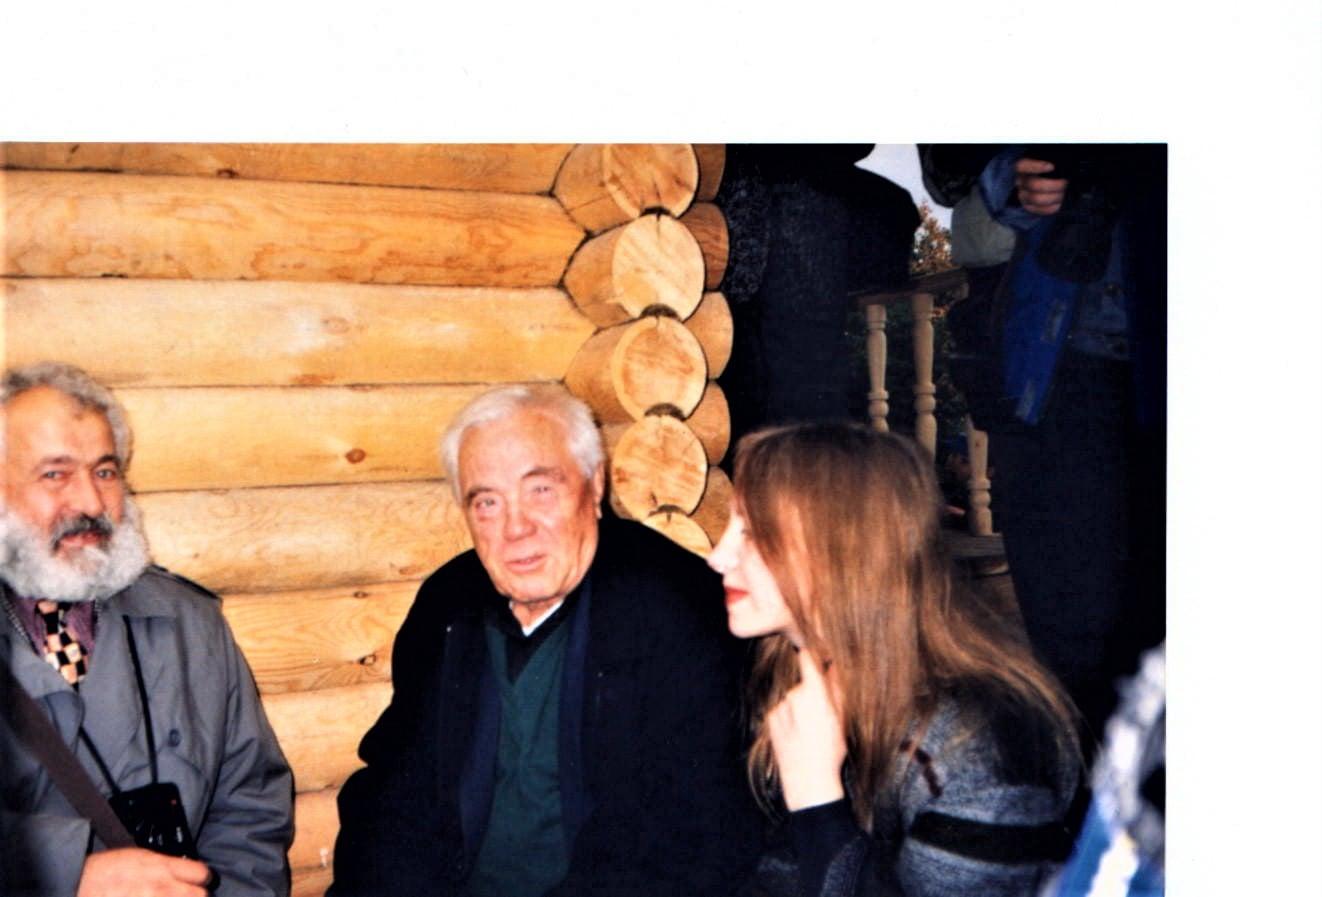 Фотография от Литвякова: Литвяков, Виктор Астафьев и Нина Краснова около церкви. Овсянка. 1998 г.